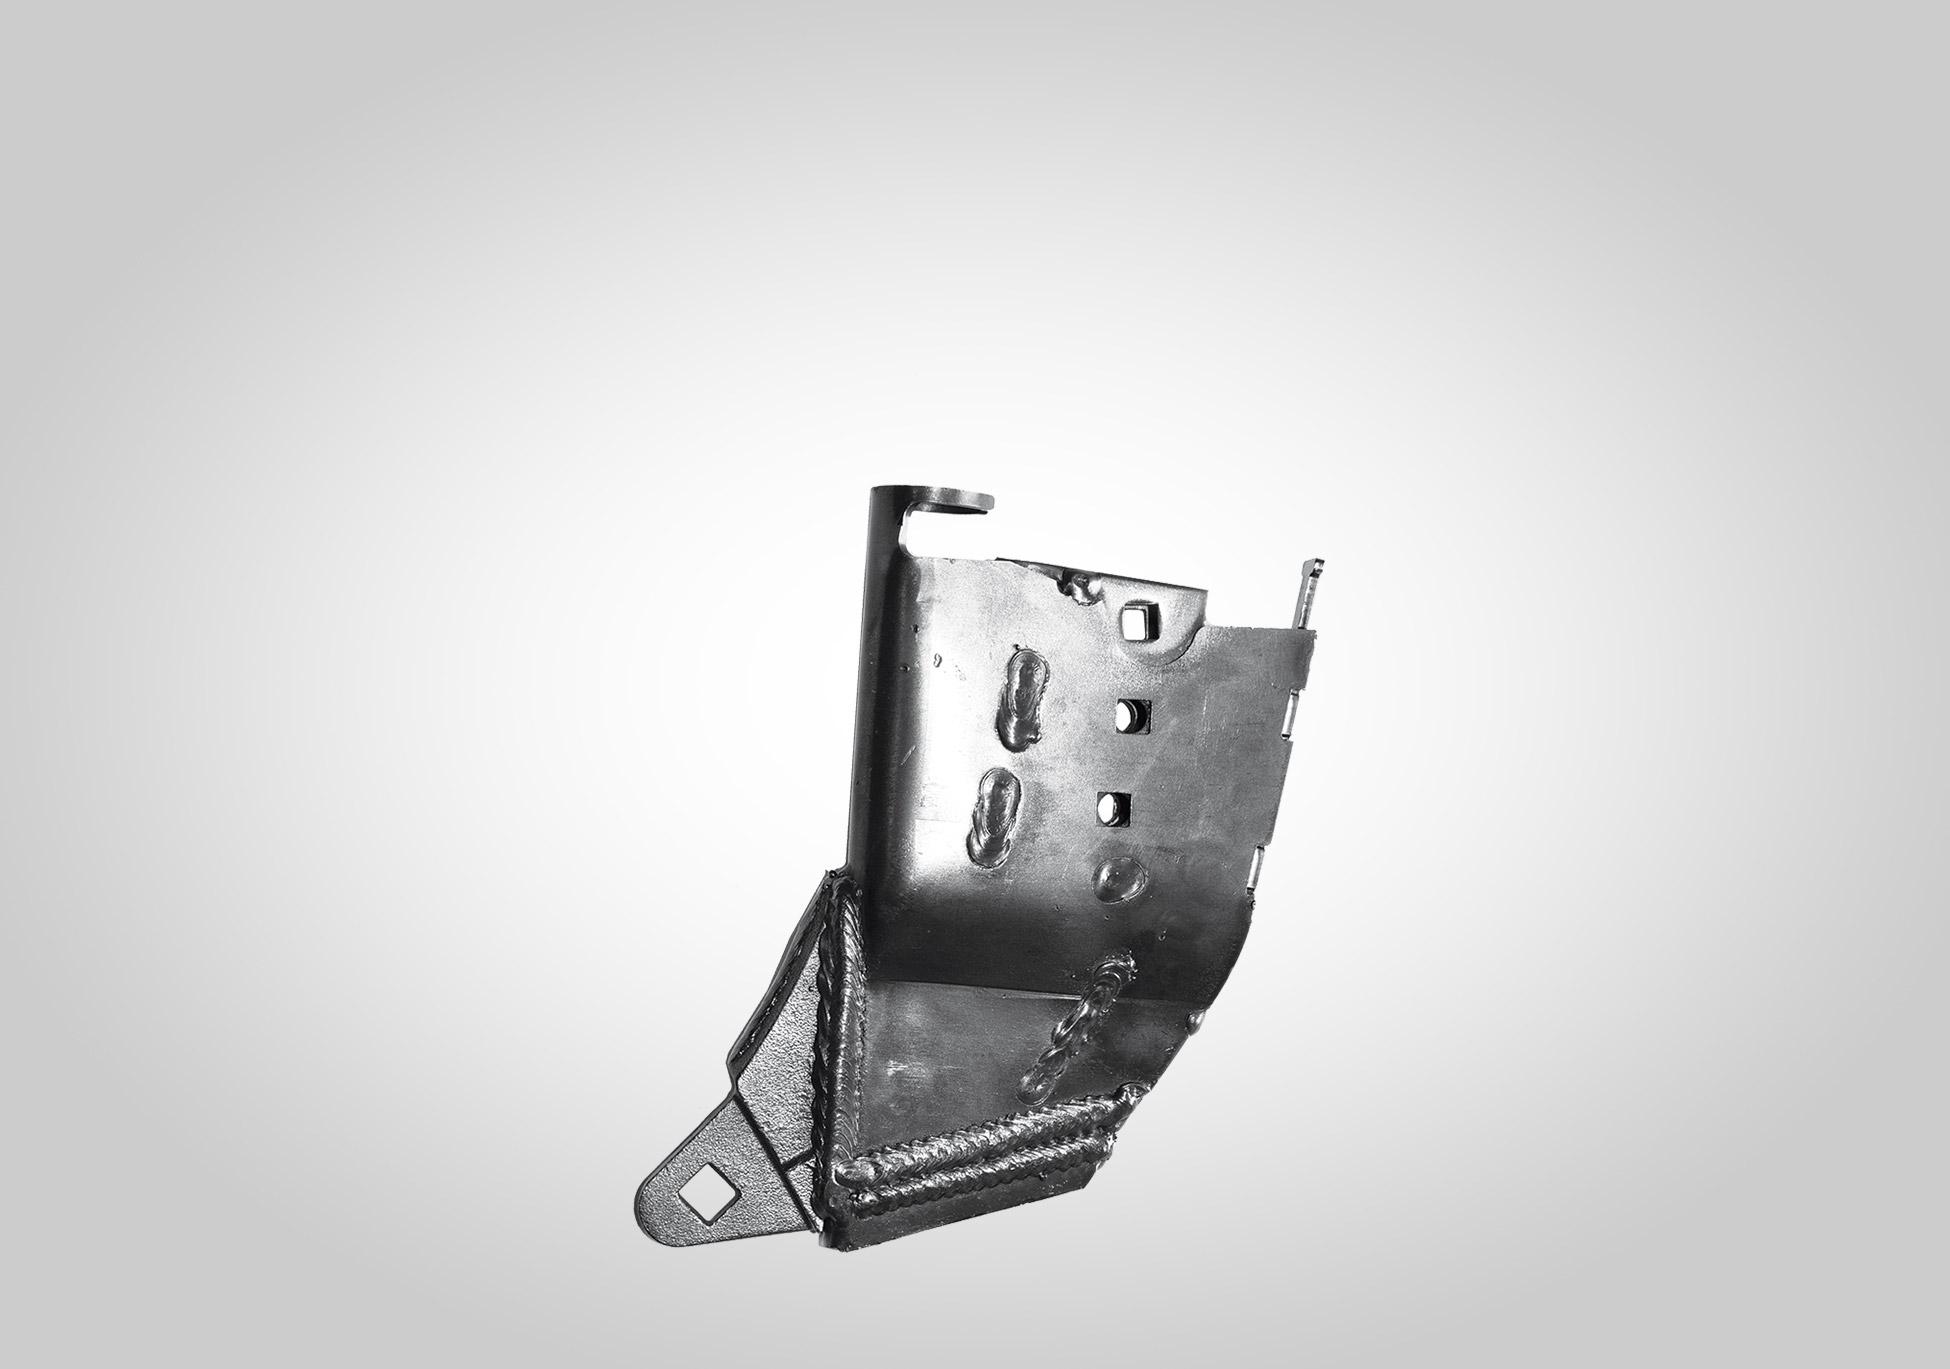 VOS-HOLDER-673